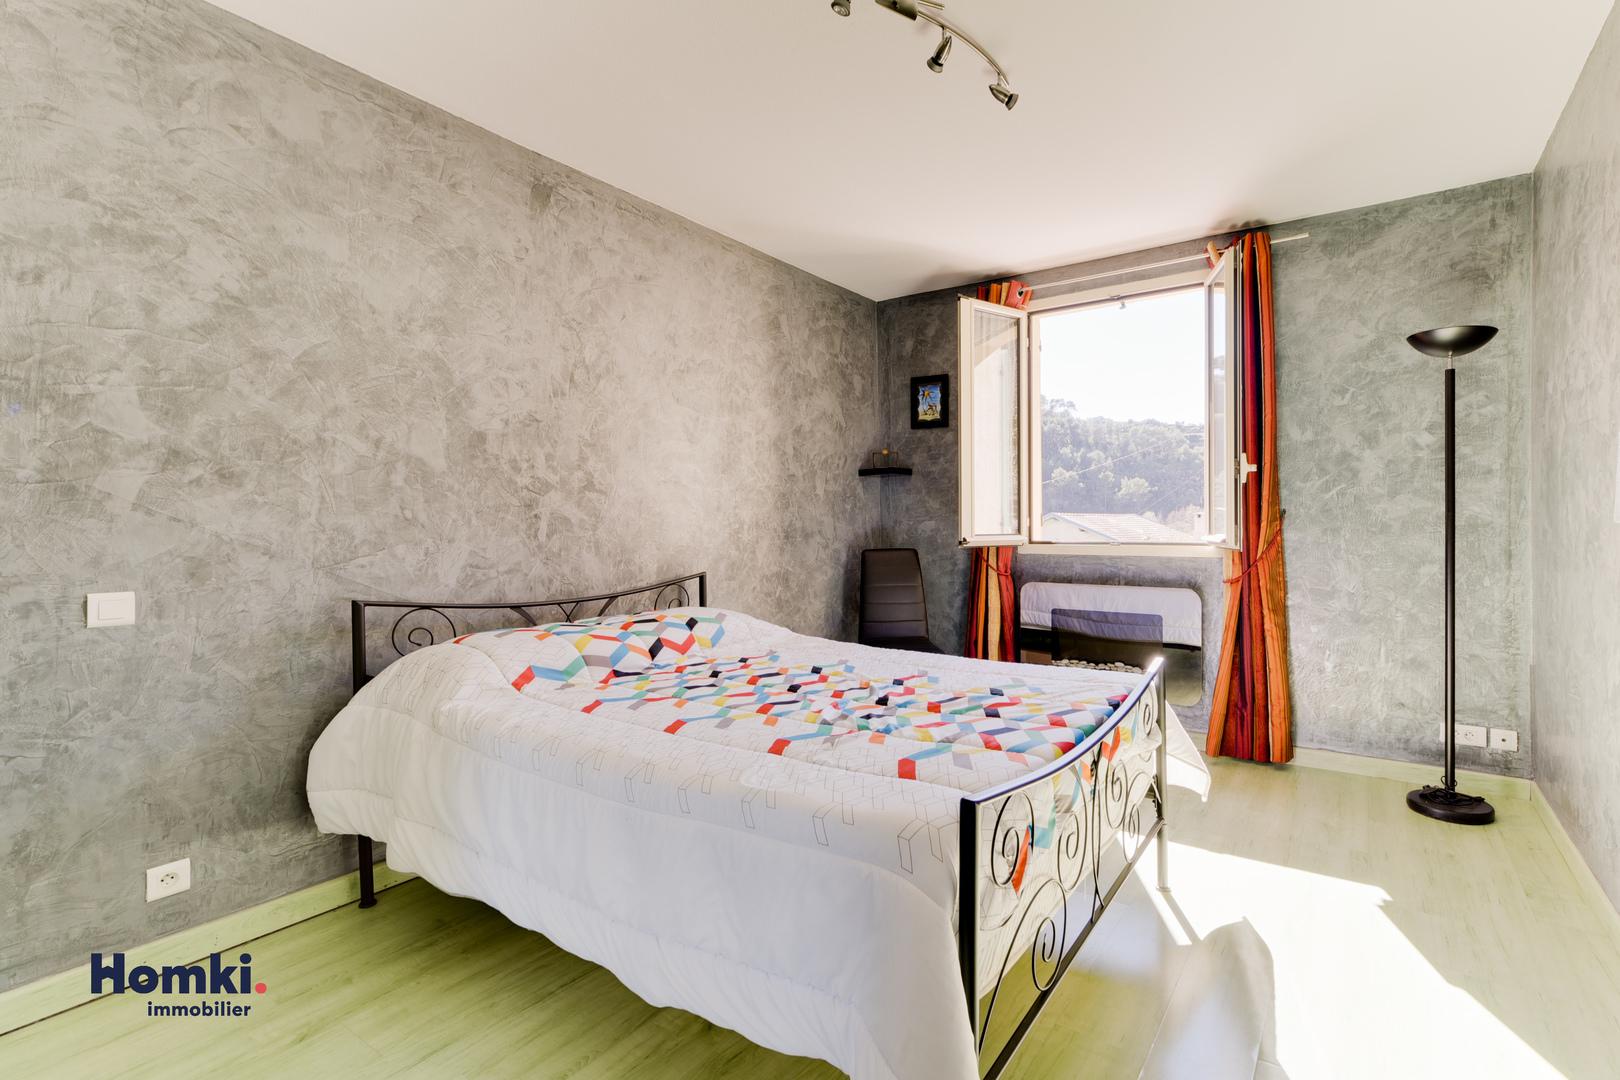 Vente Maison 160 m² T5 06440_6